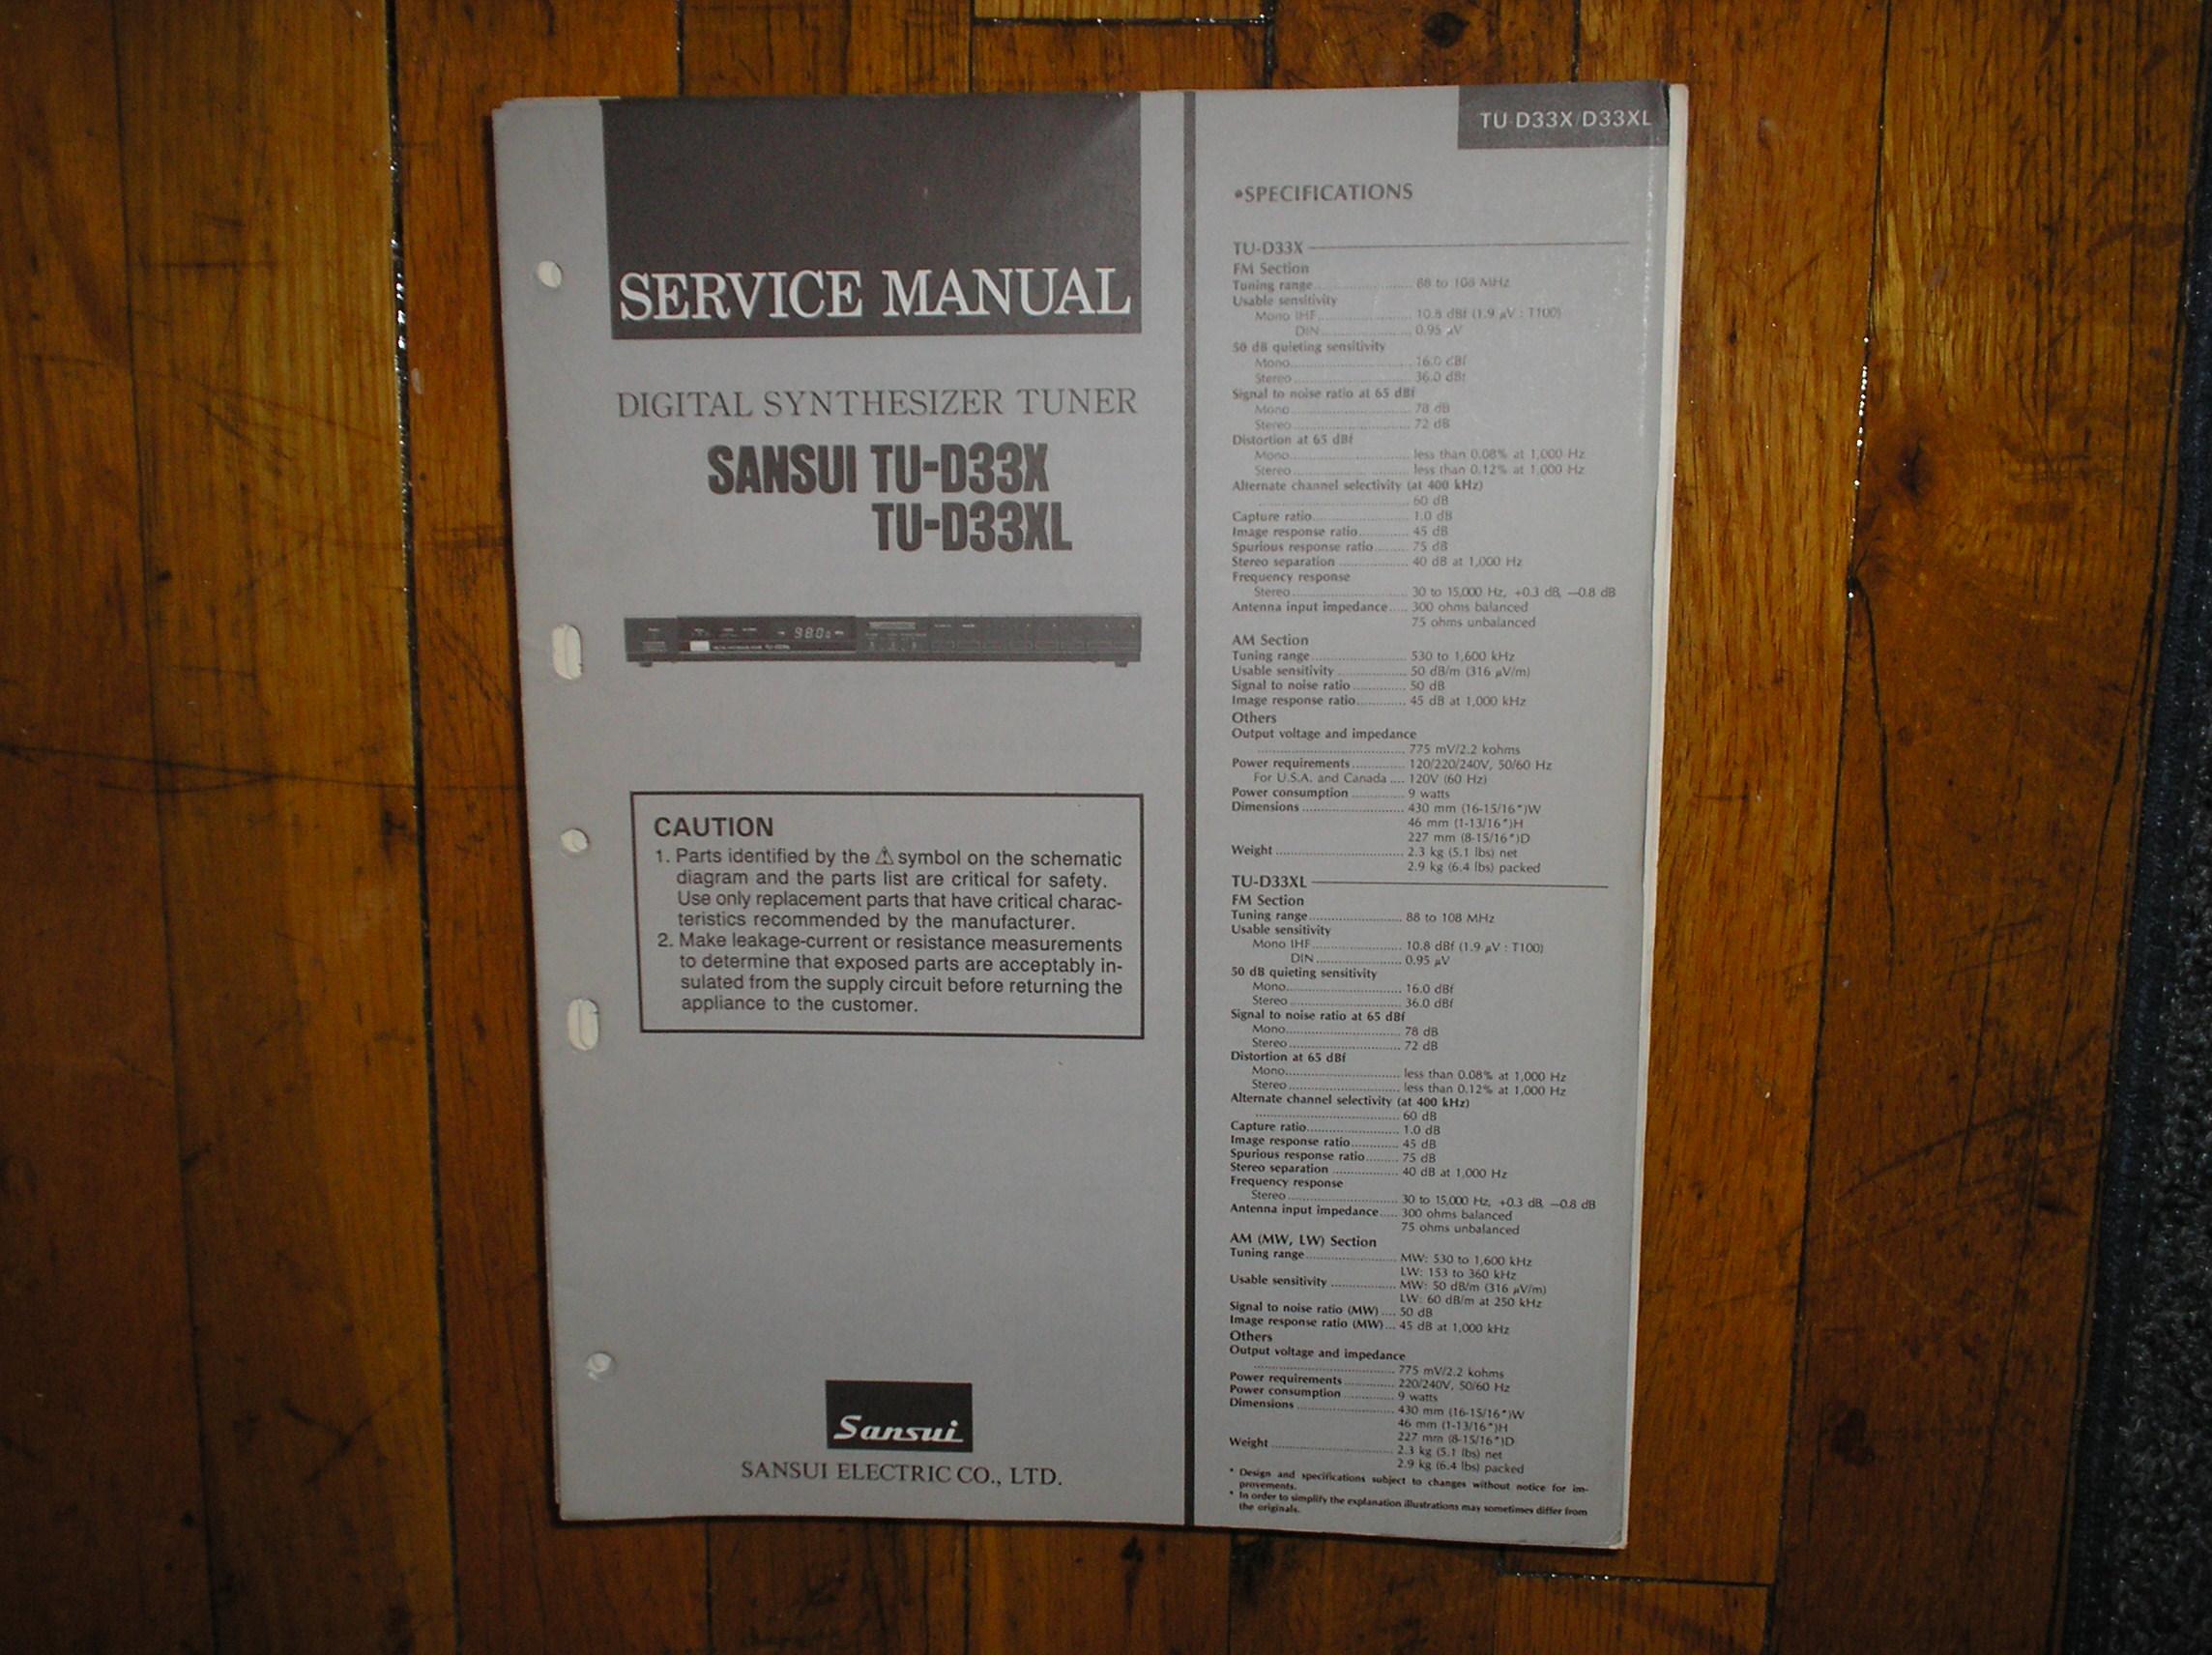 TU-D33X TU-D33XL Tuner Service Manual